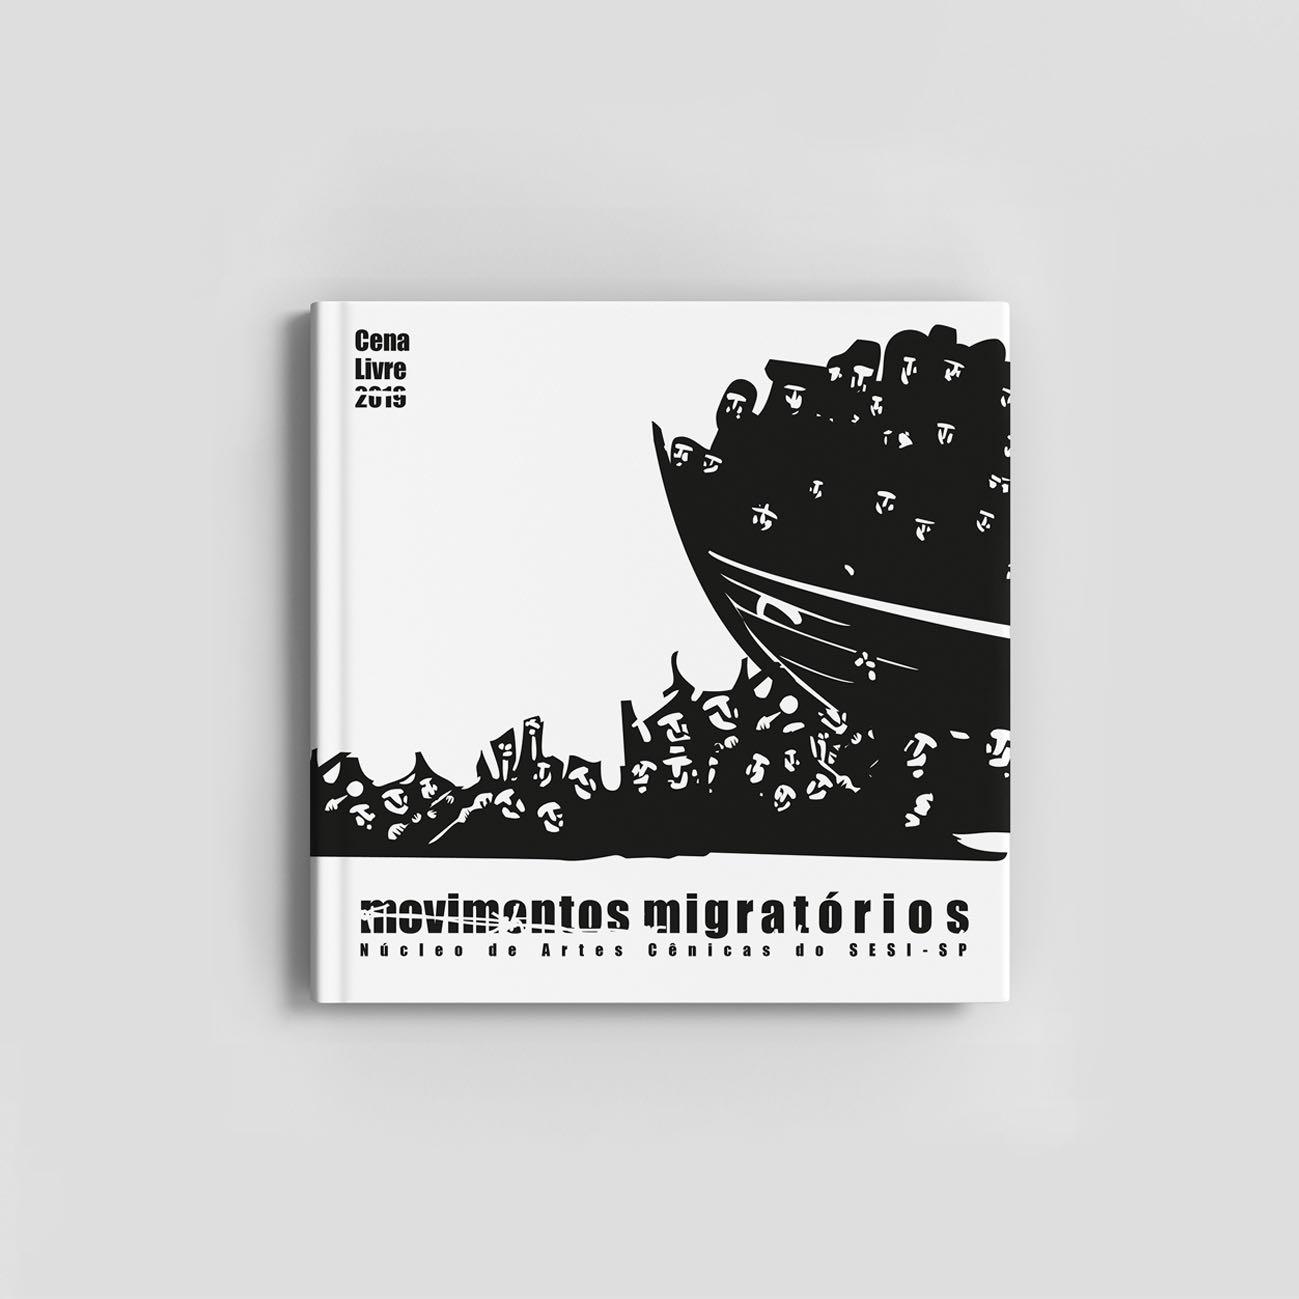 Projeto gráfico e diagramação do projeto Movimentos Migratórios para Sesi-Sp.